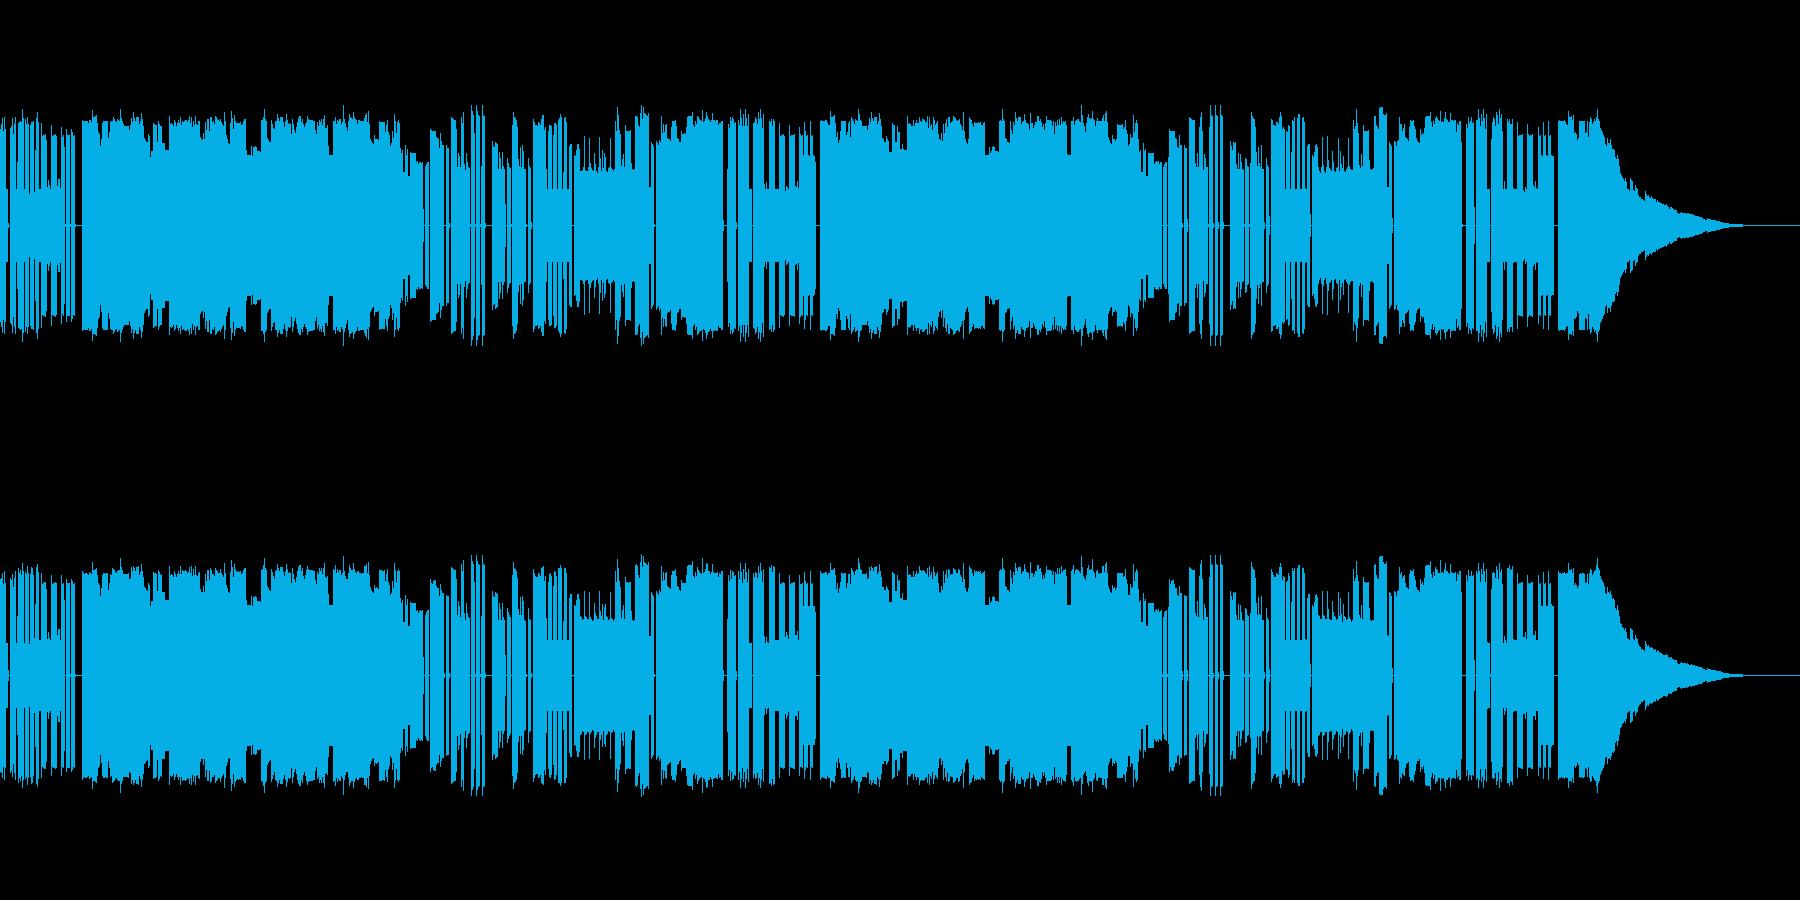 ファミコン和風チップチューンの再生済みの波形